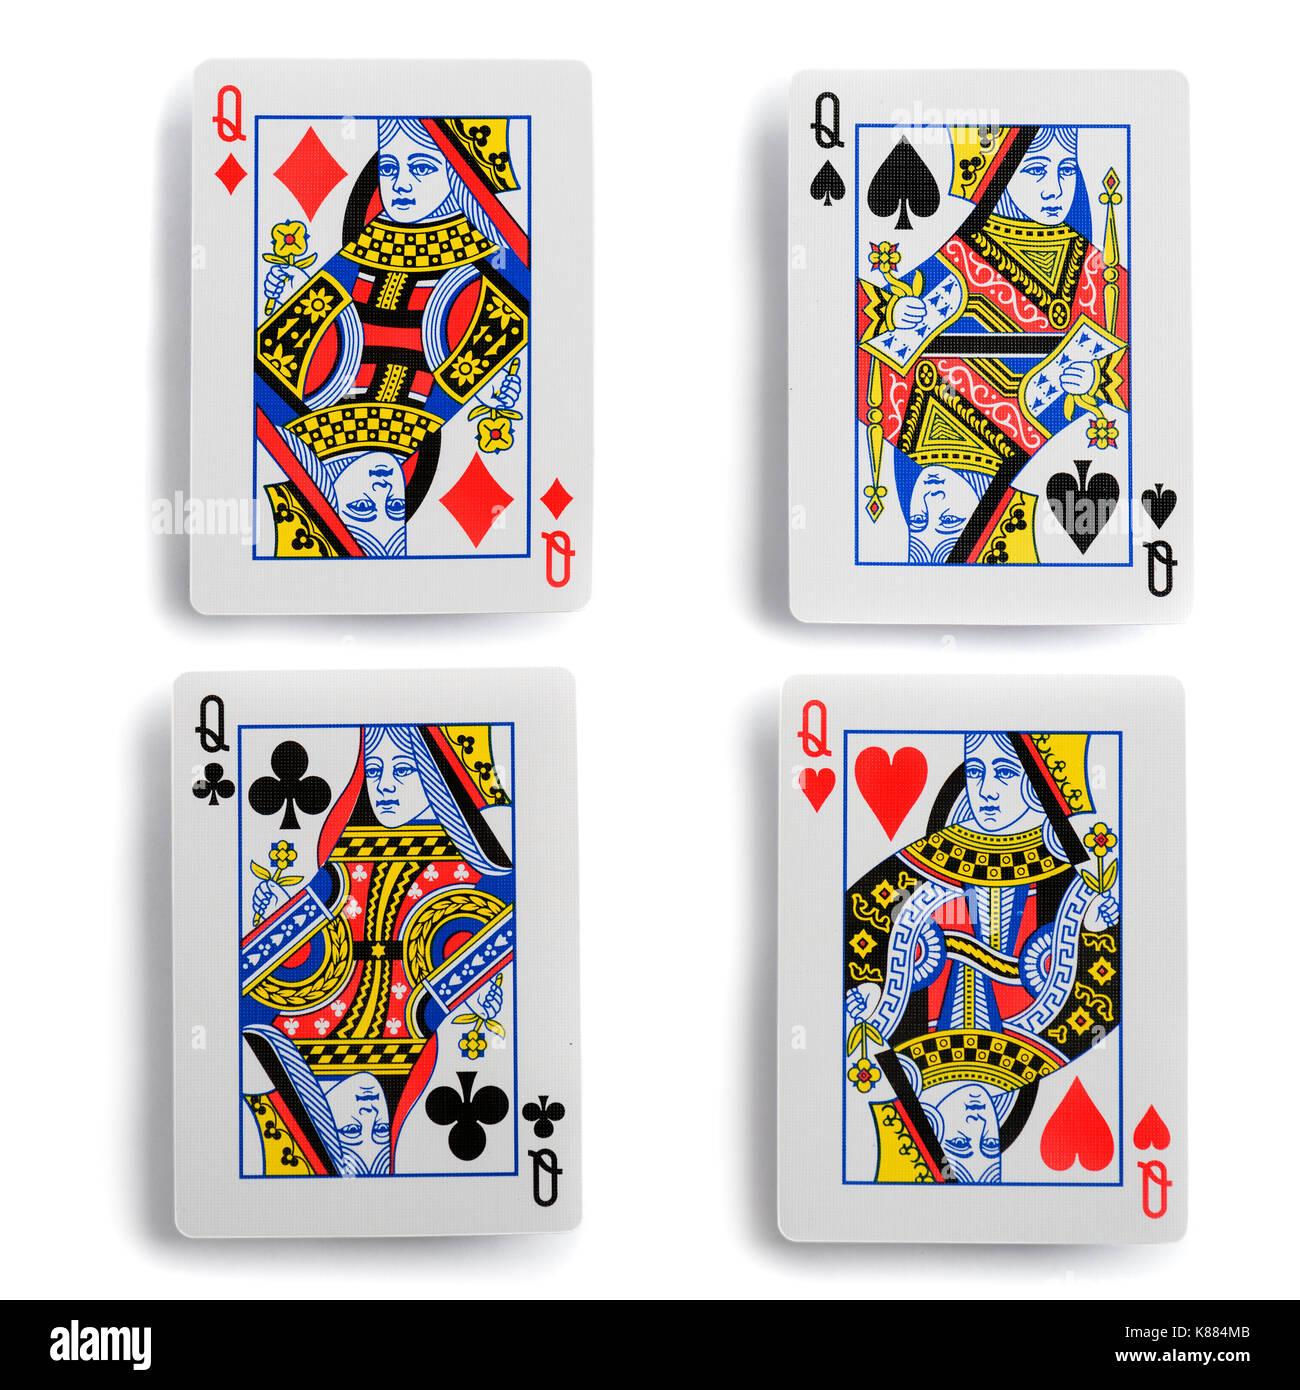 Quattro carte da gioco regina su uno sfondo bianco. percorso di lavoro per una semplice copia Immagini Stock